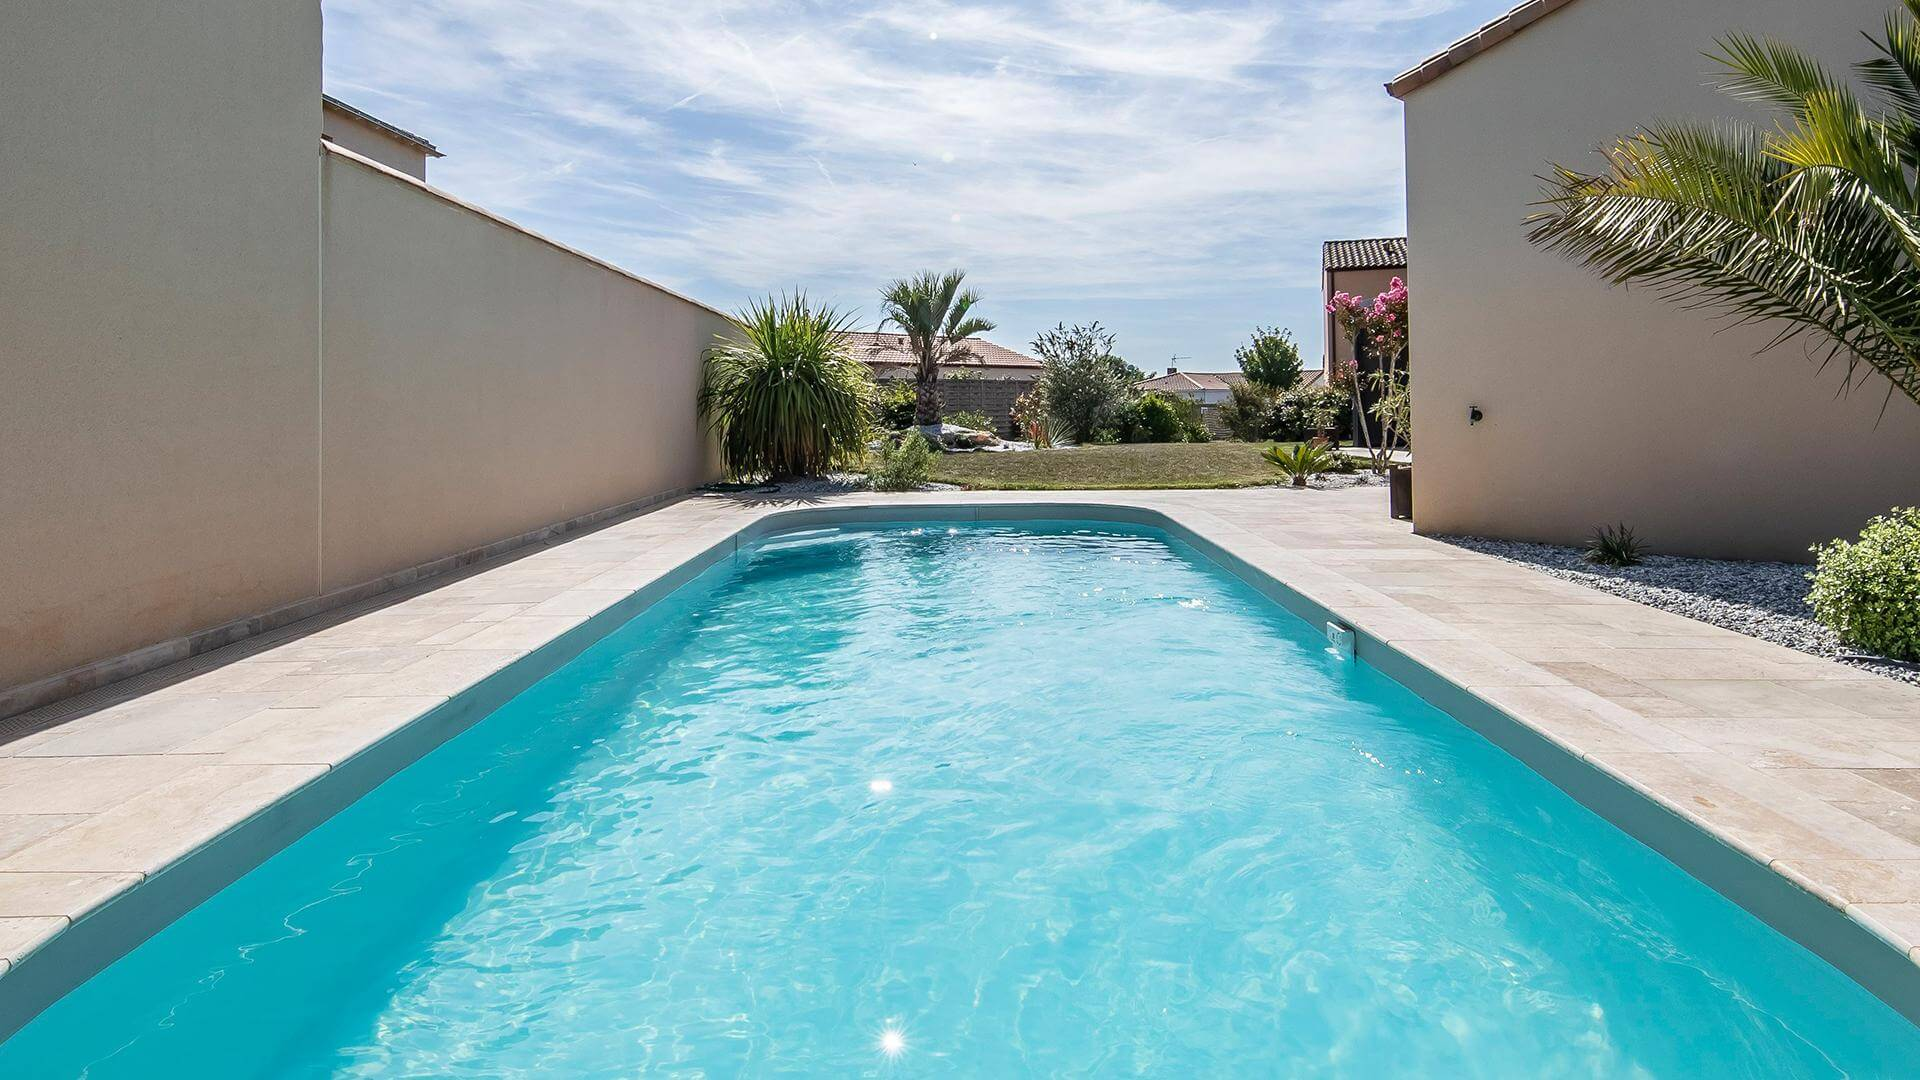 Prix D Un Couloir De Nage couloir de nage sara : une piscine rectangle aux allures